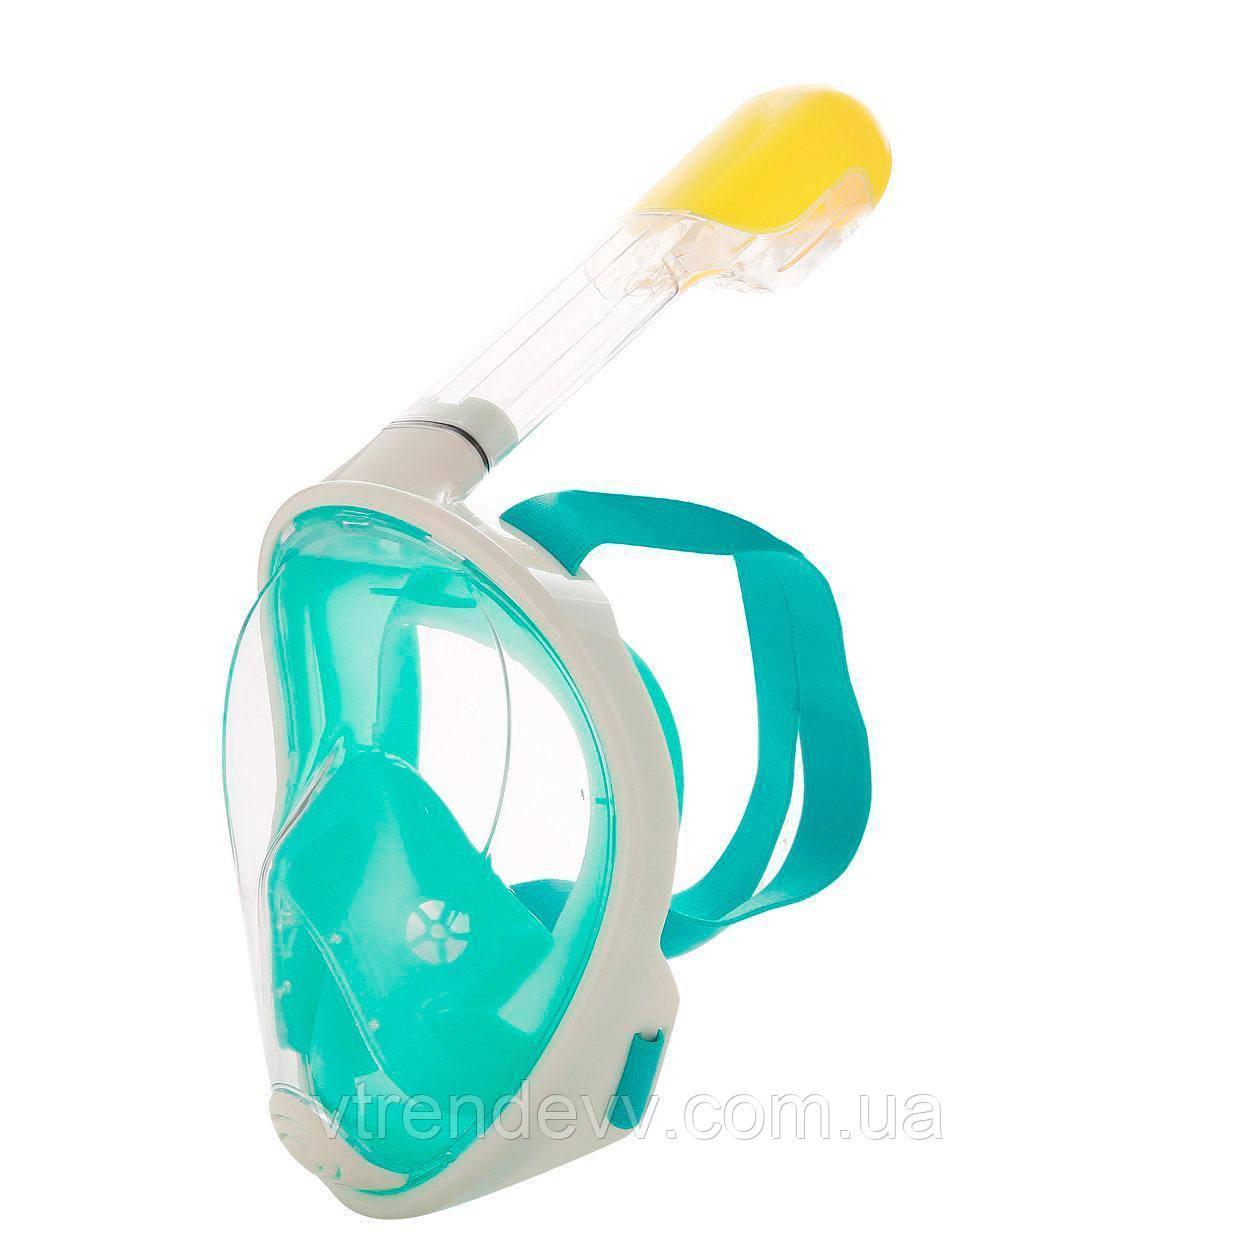 Маска для плавания FREE BREATH S/M с креплением на камеру